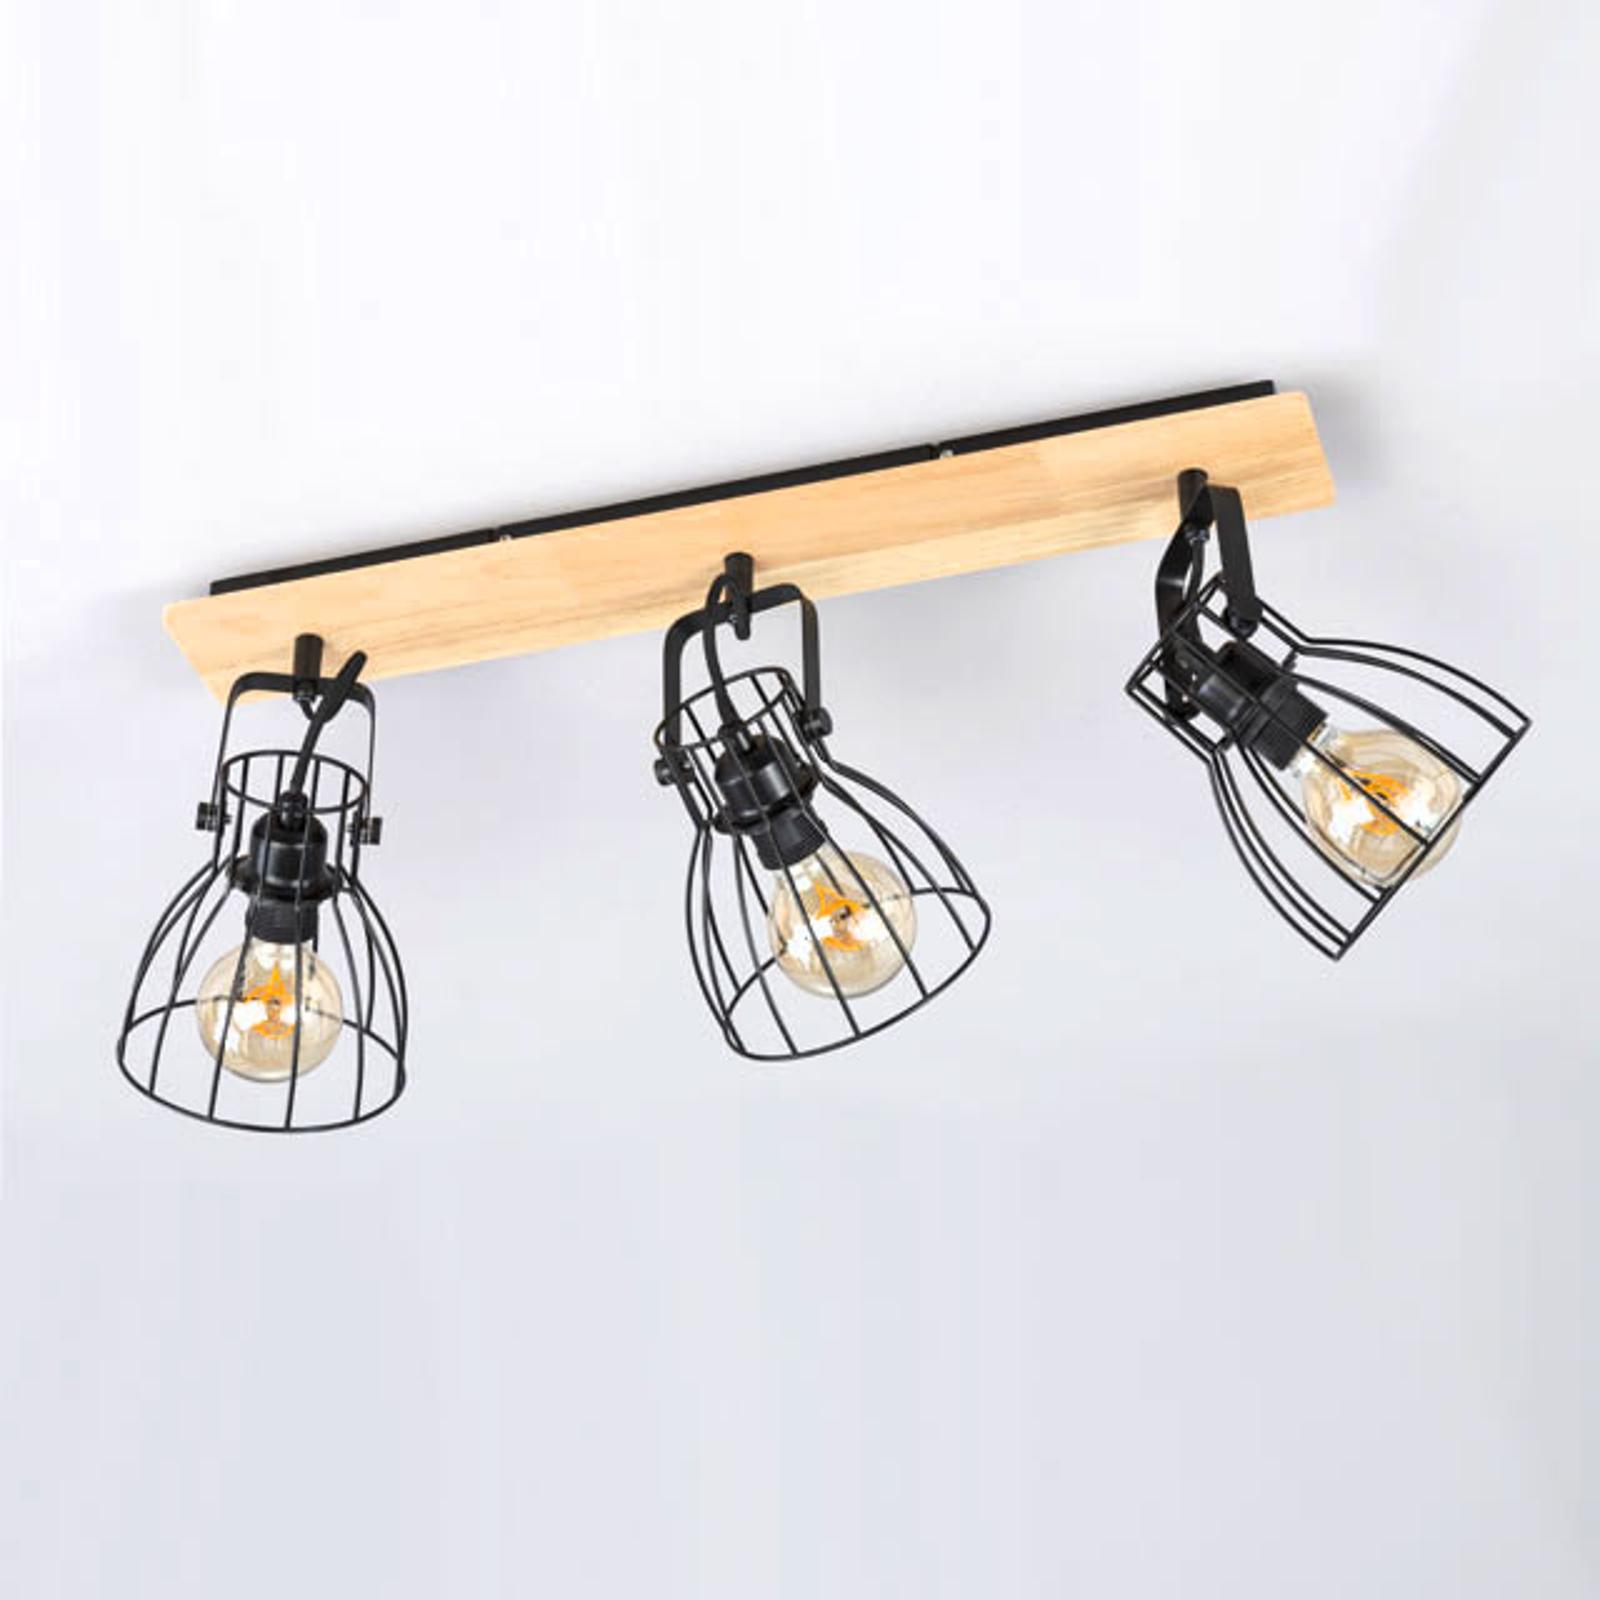 Lampa sufitowa Die wygląd drewna 3 klatkowe klosze